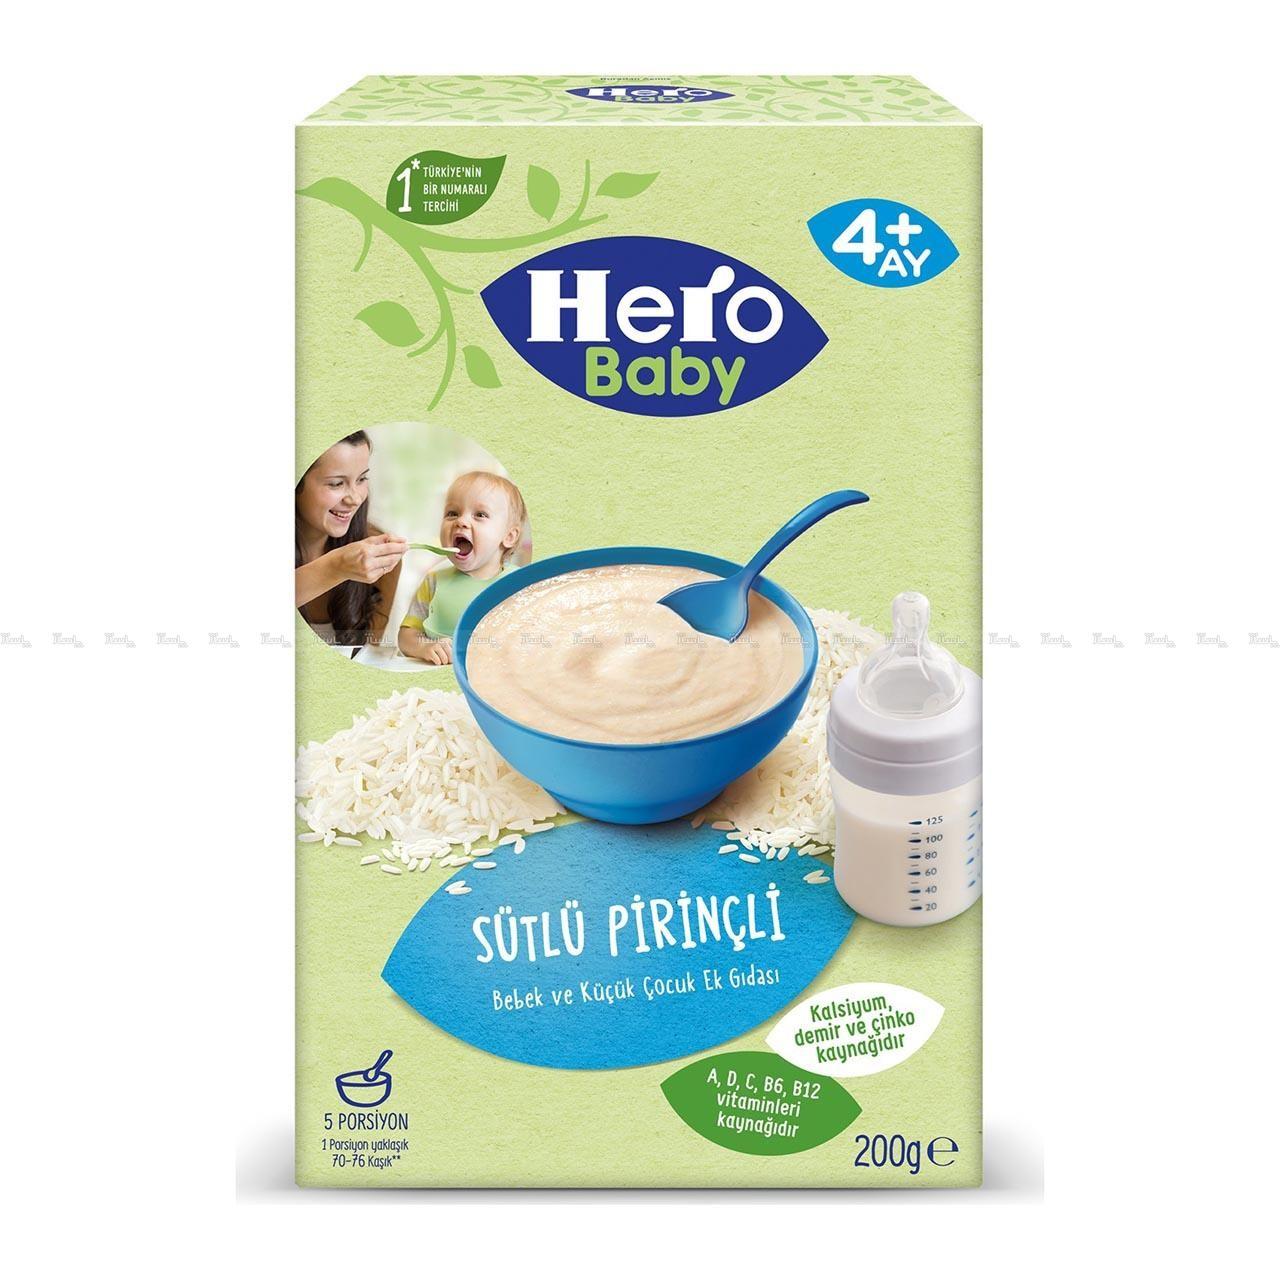 غذای کمکی فرنی شیربرنج هروبیبی Hero Baby-تصویر اصلی